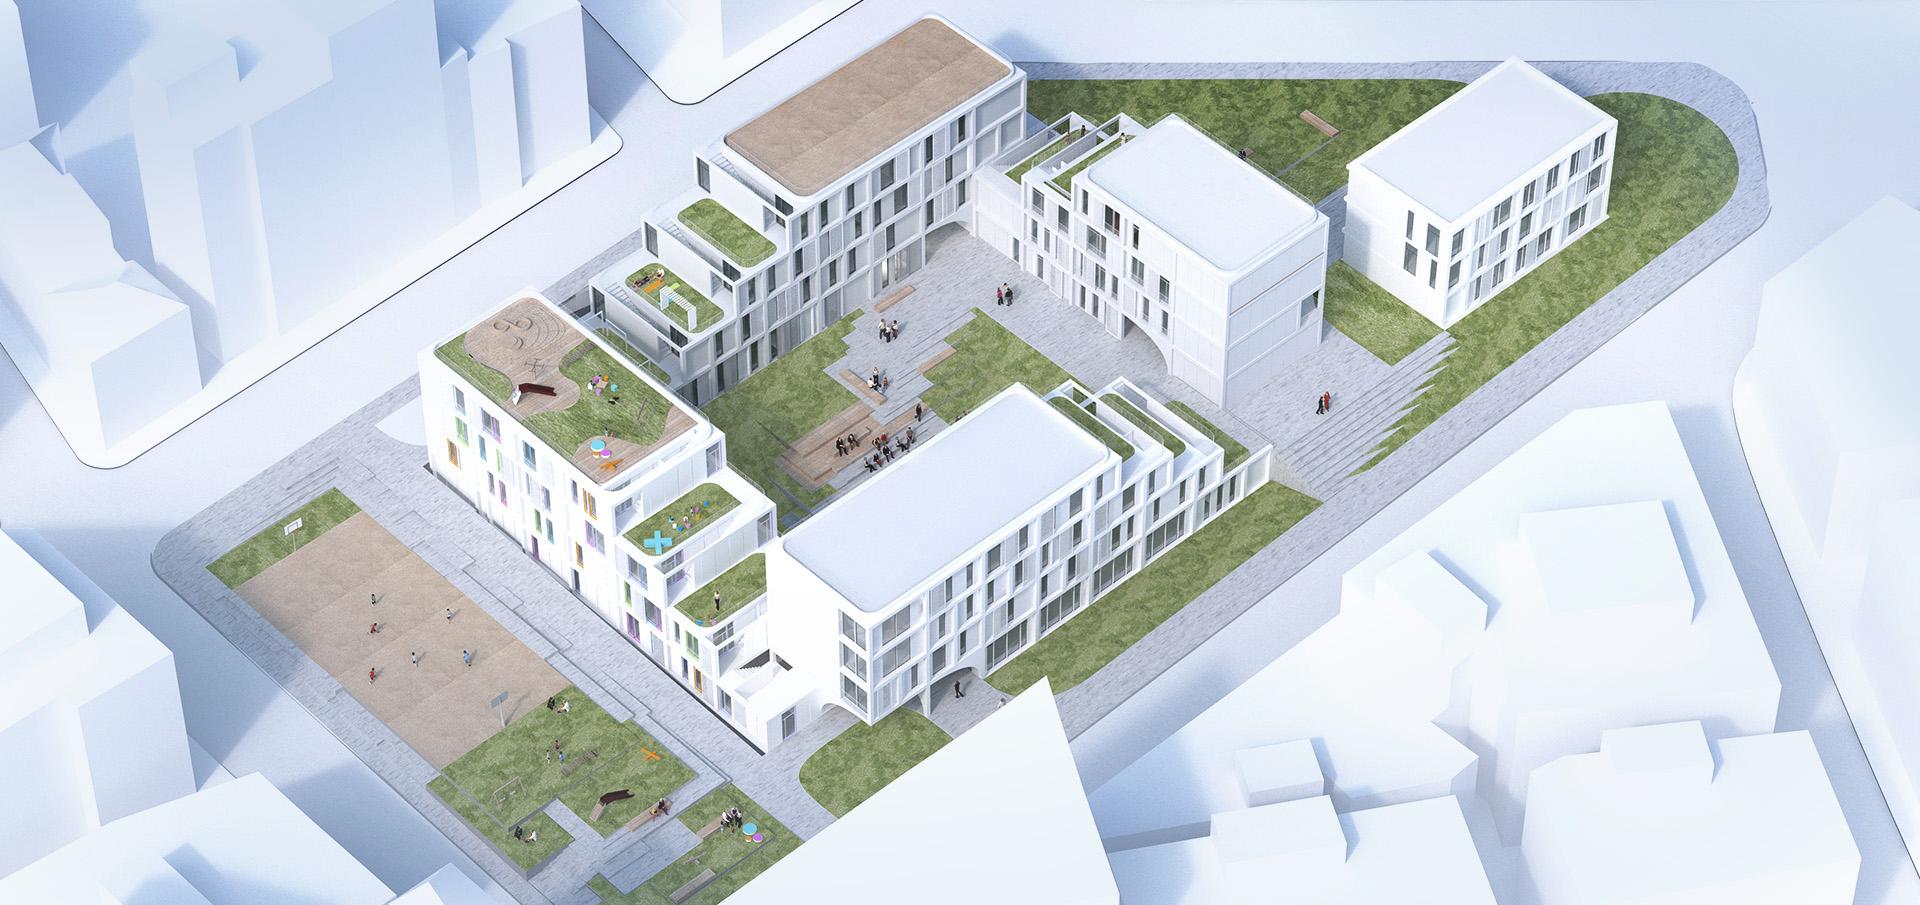 sastudio Tiago Sá architecture tessaloniki greece community center refugee memorial kindergarden social housing